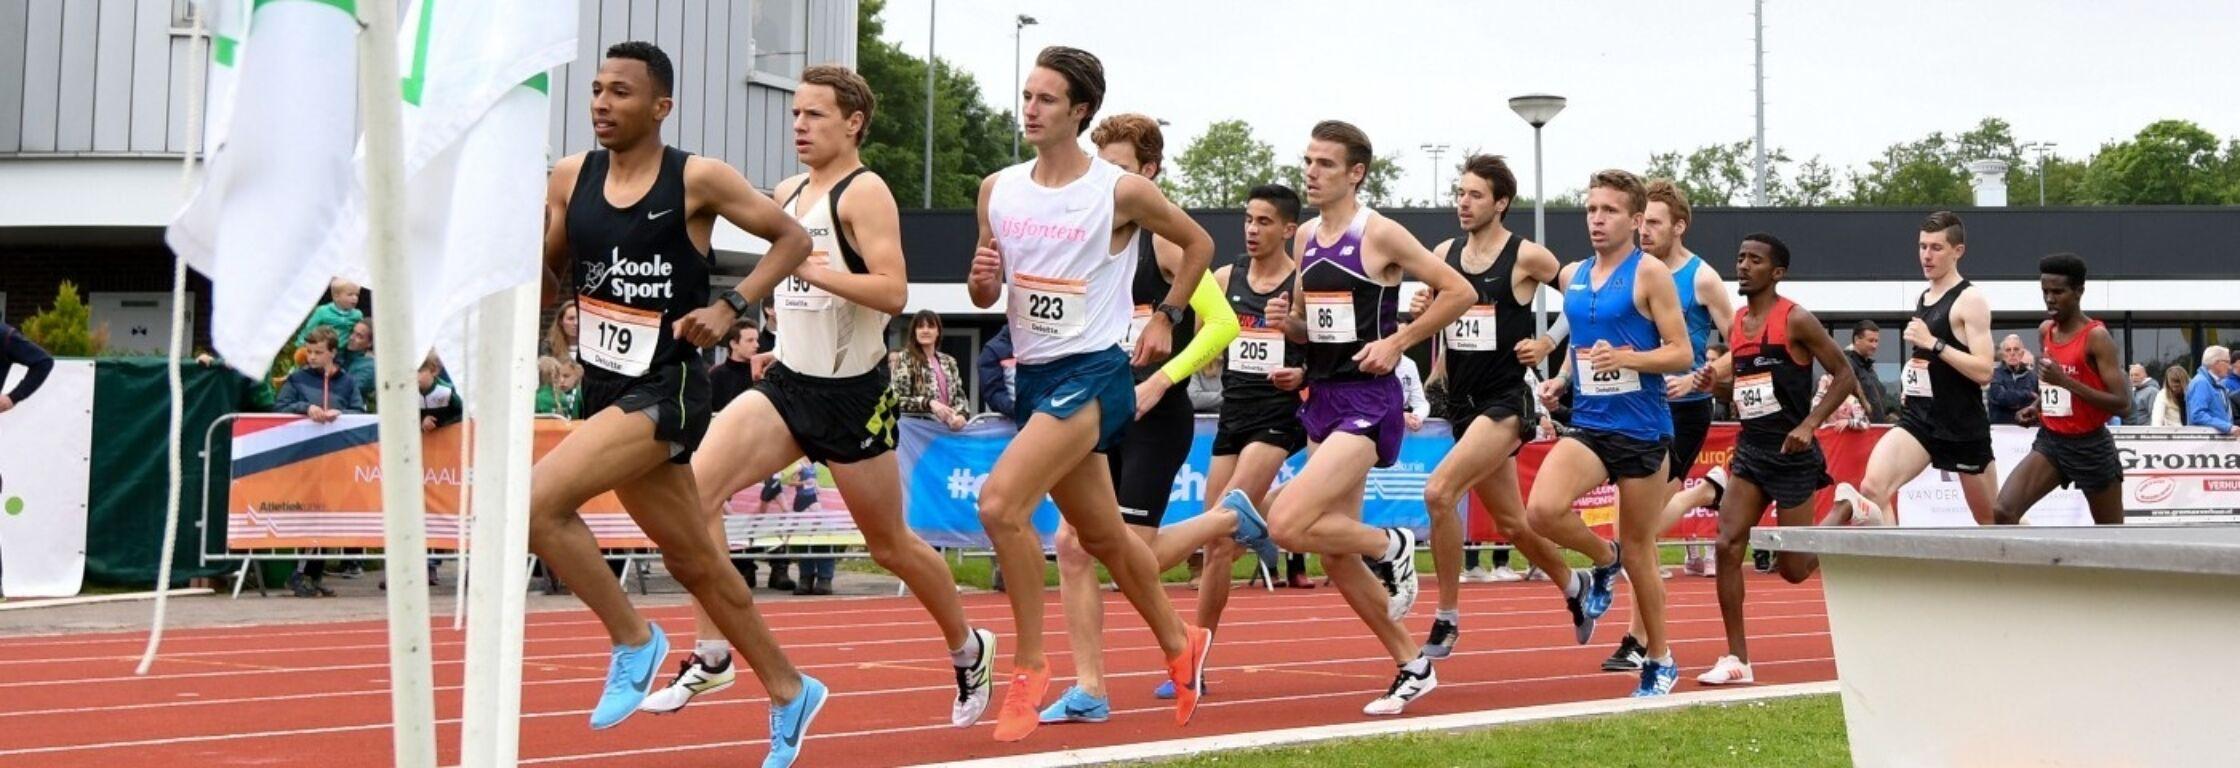 Arjan van AV de Spartaan: 'Ik wil werken aan mijn techniek en snelheid'